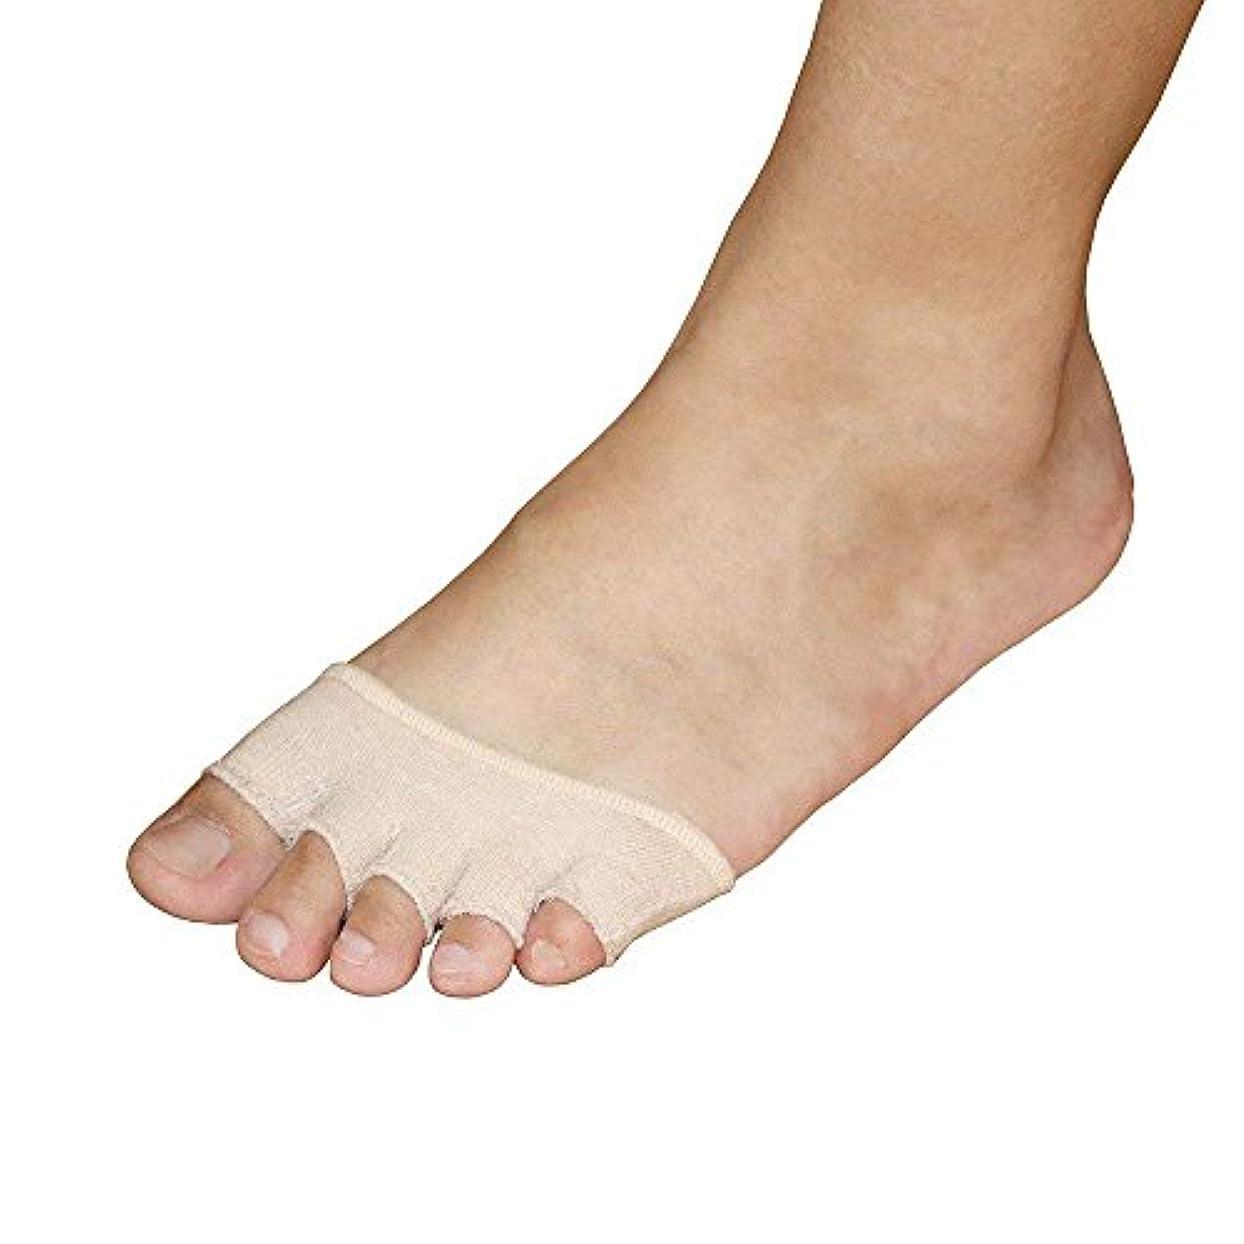 消費者気付く父方の2組のつま先靴下用女性表示なし、つま先スリーブ付きリリーフ痛みブリスター付きブーツクッションハイヒールスニーカーサンダル